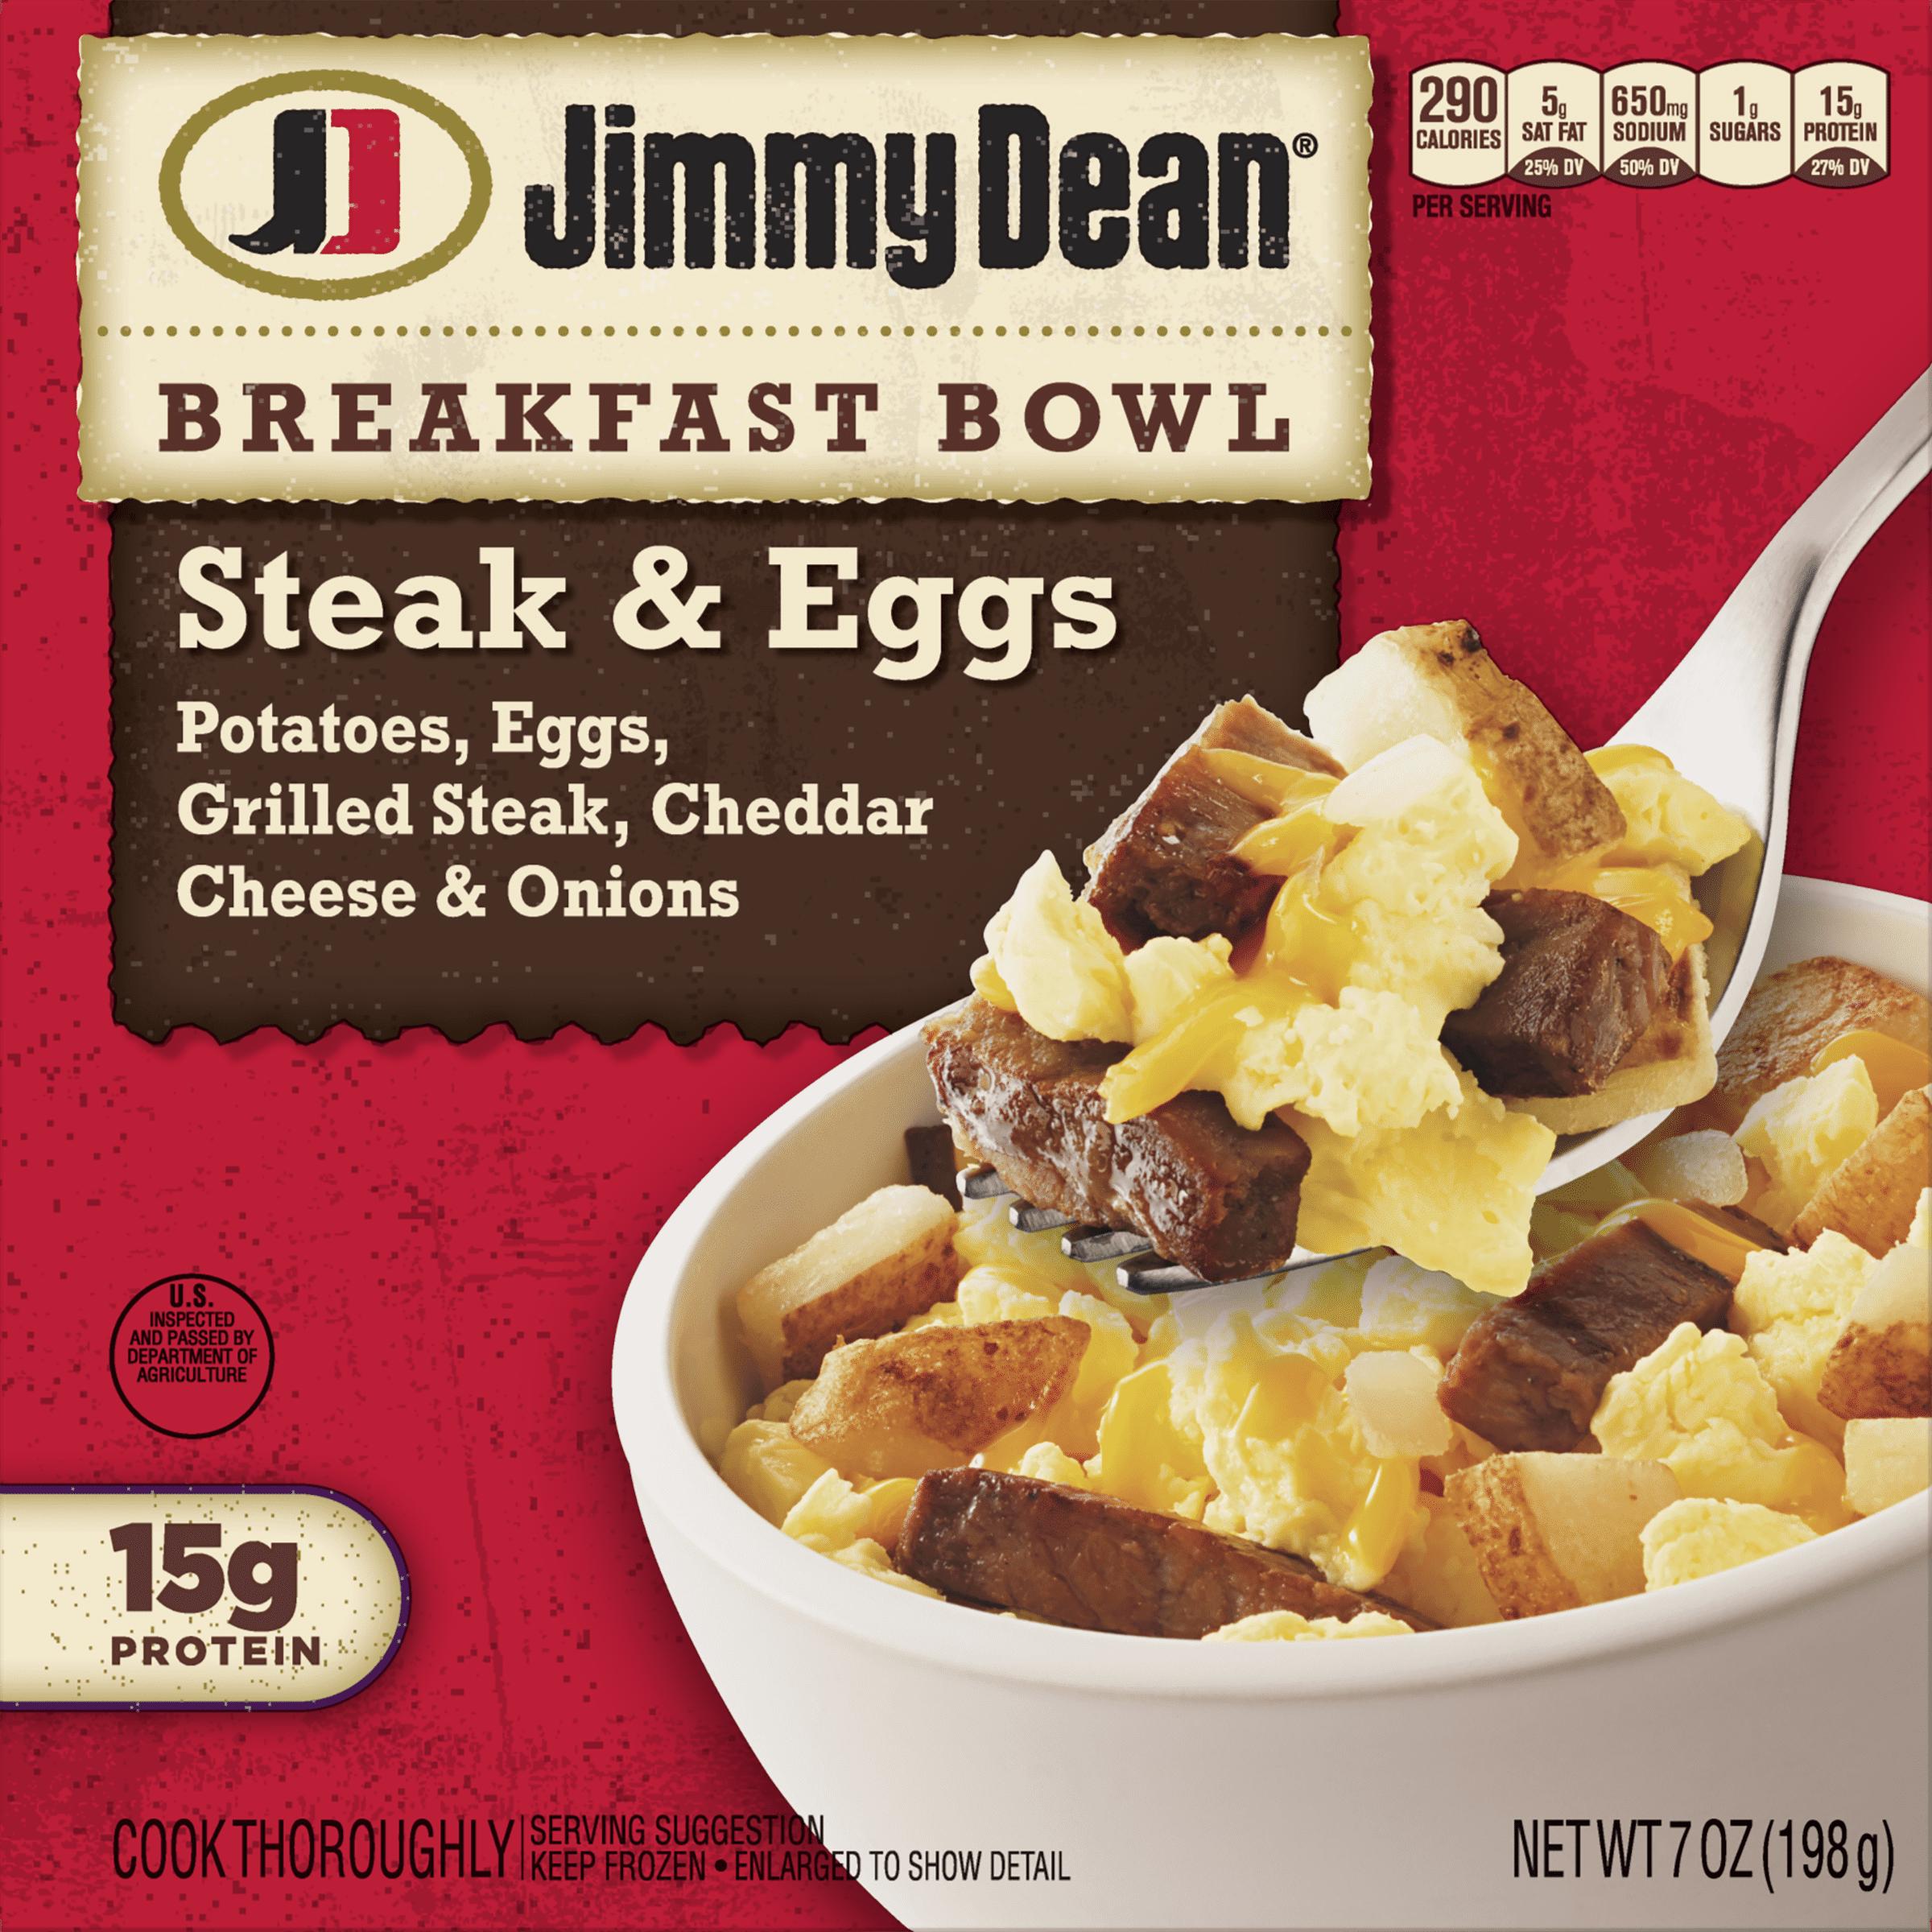 Jimmy Dean® Steak, Egg & Cheese Breakfast Bowl, 7 oz.